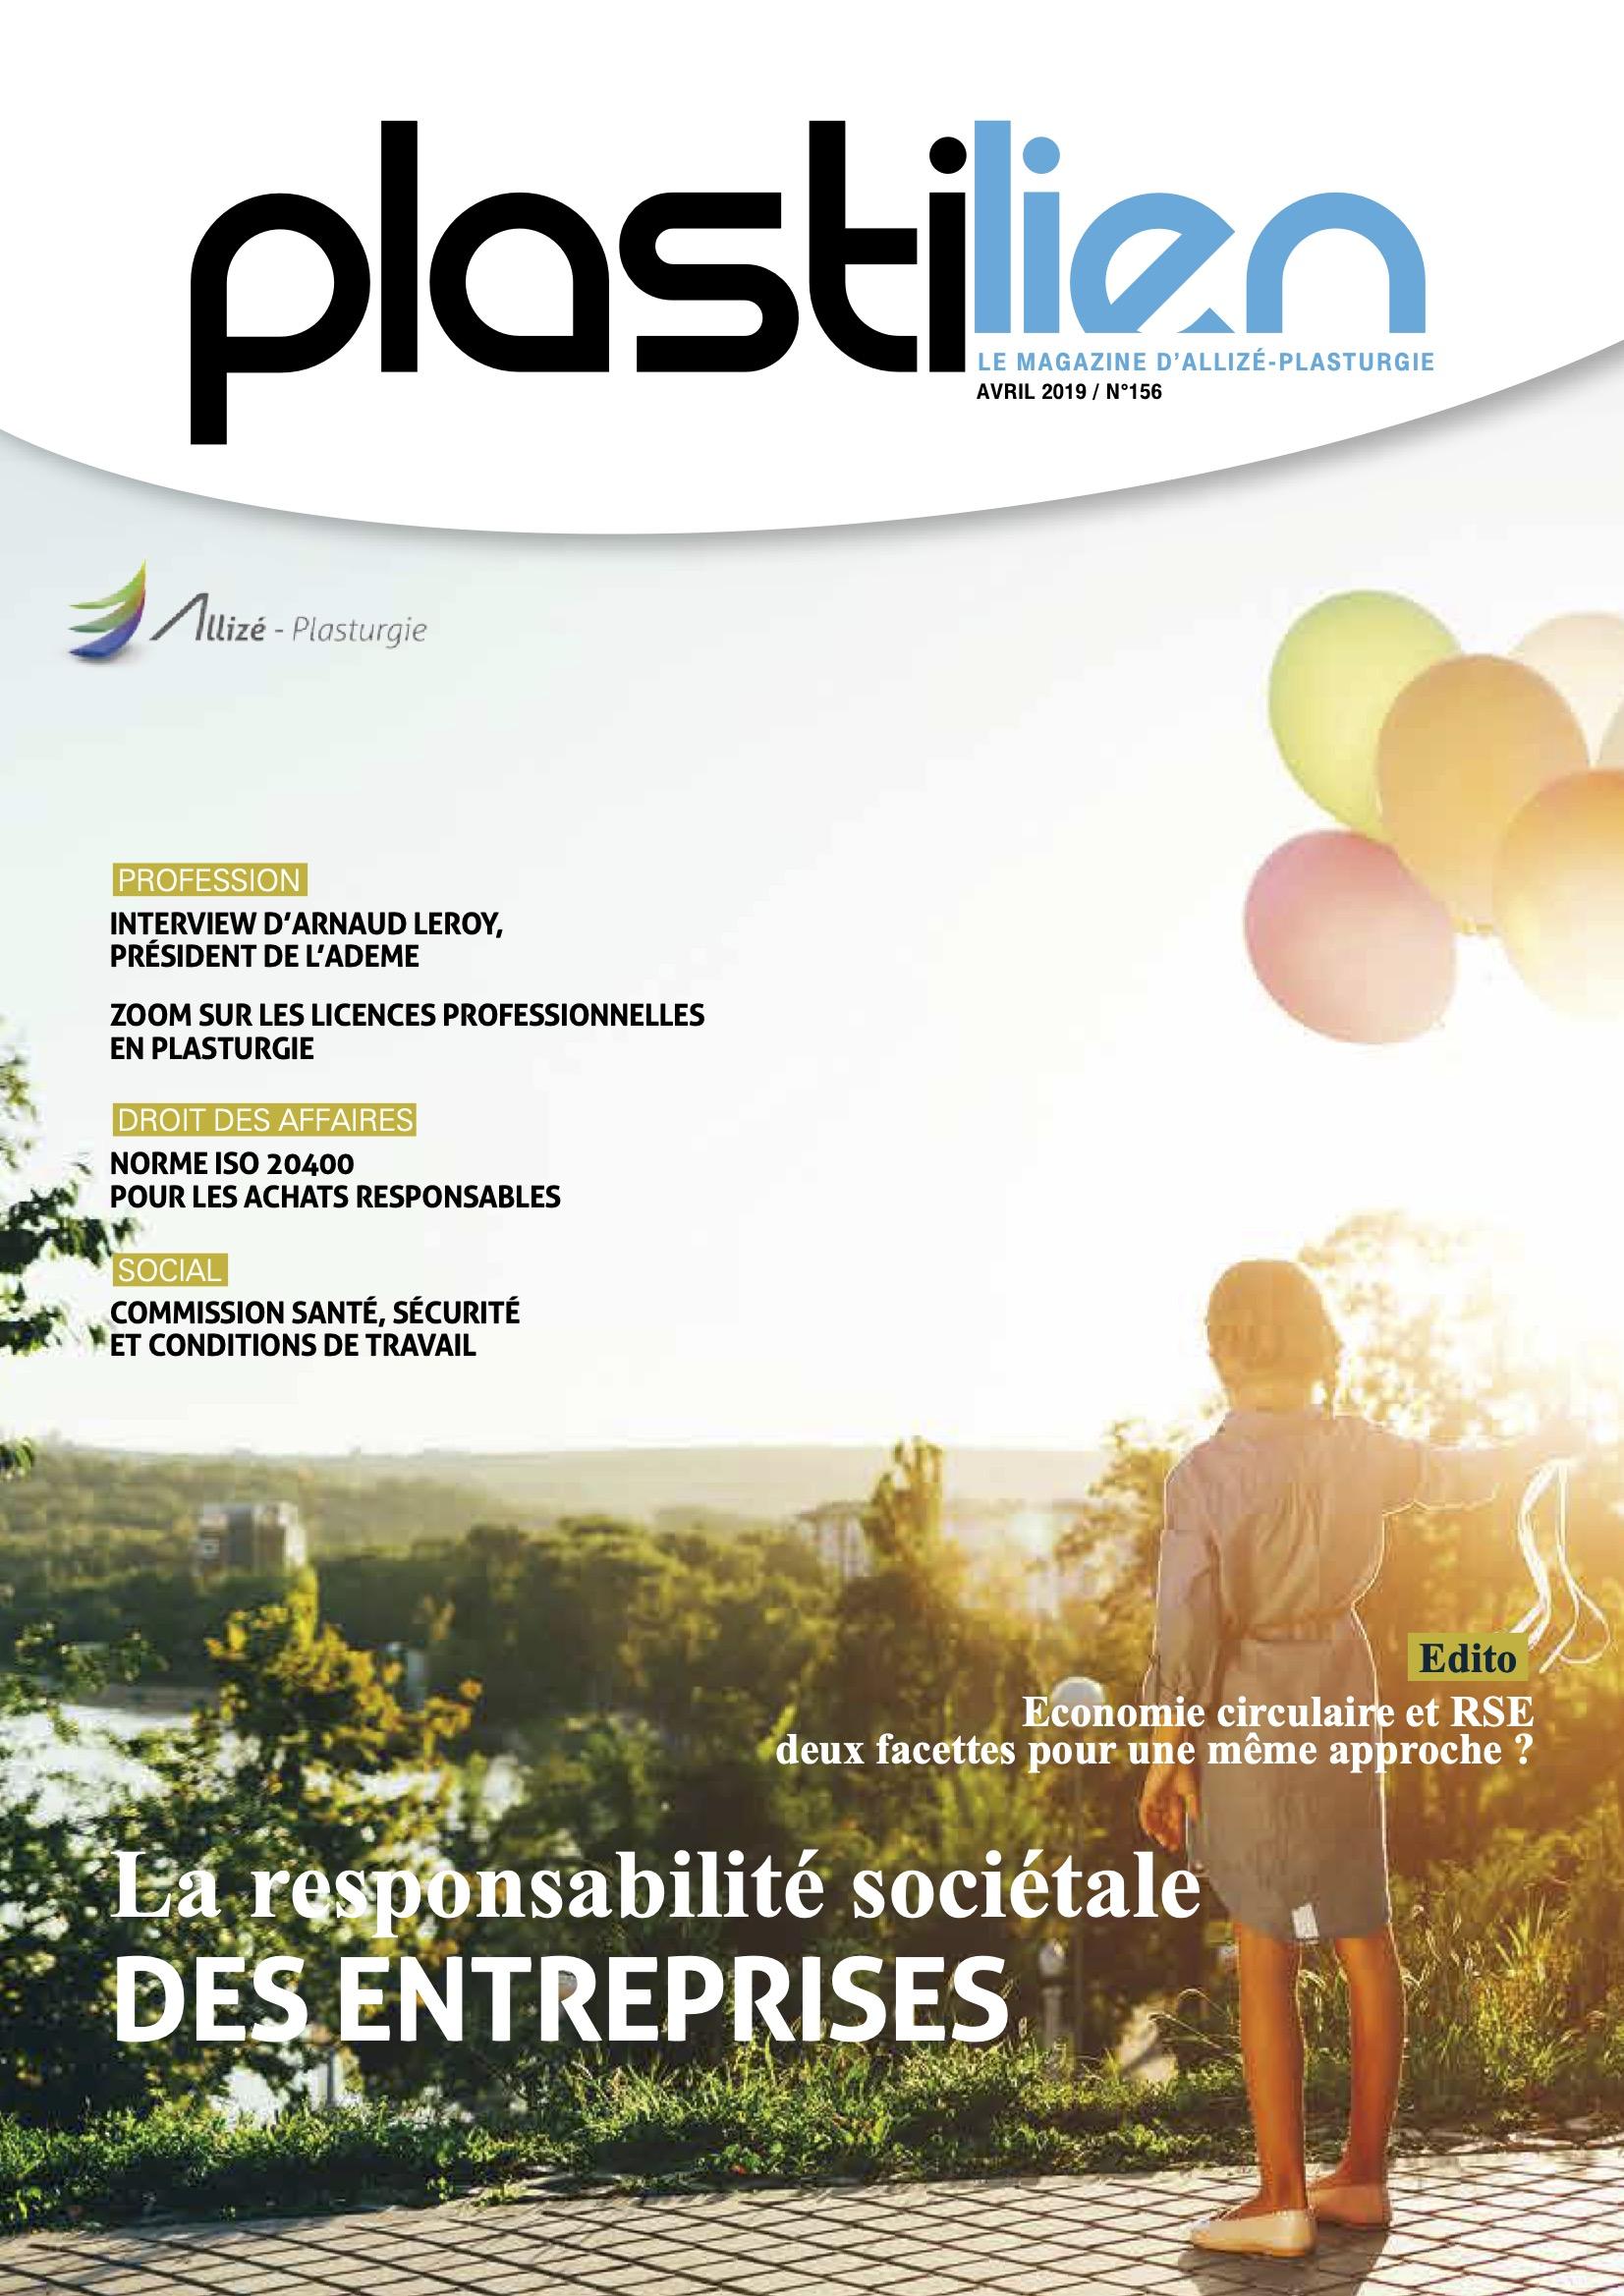 Plastilien - Interview Simon &Cie